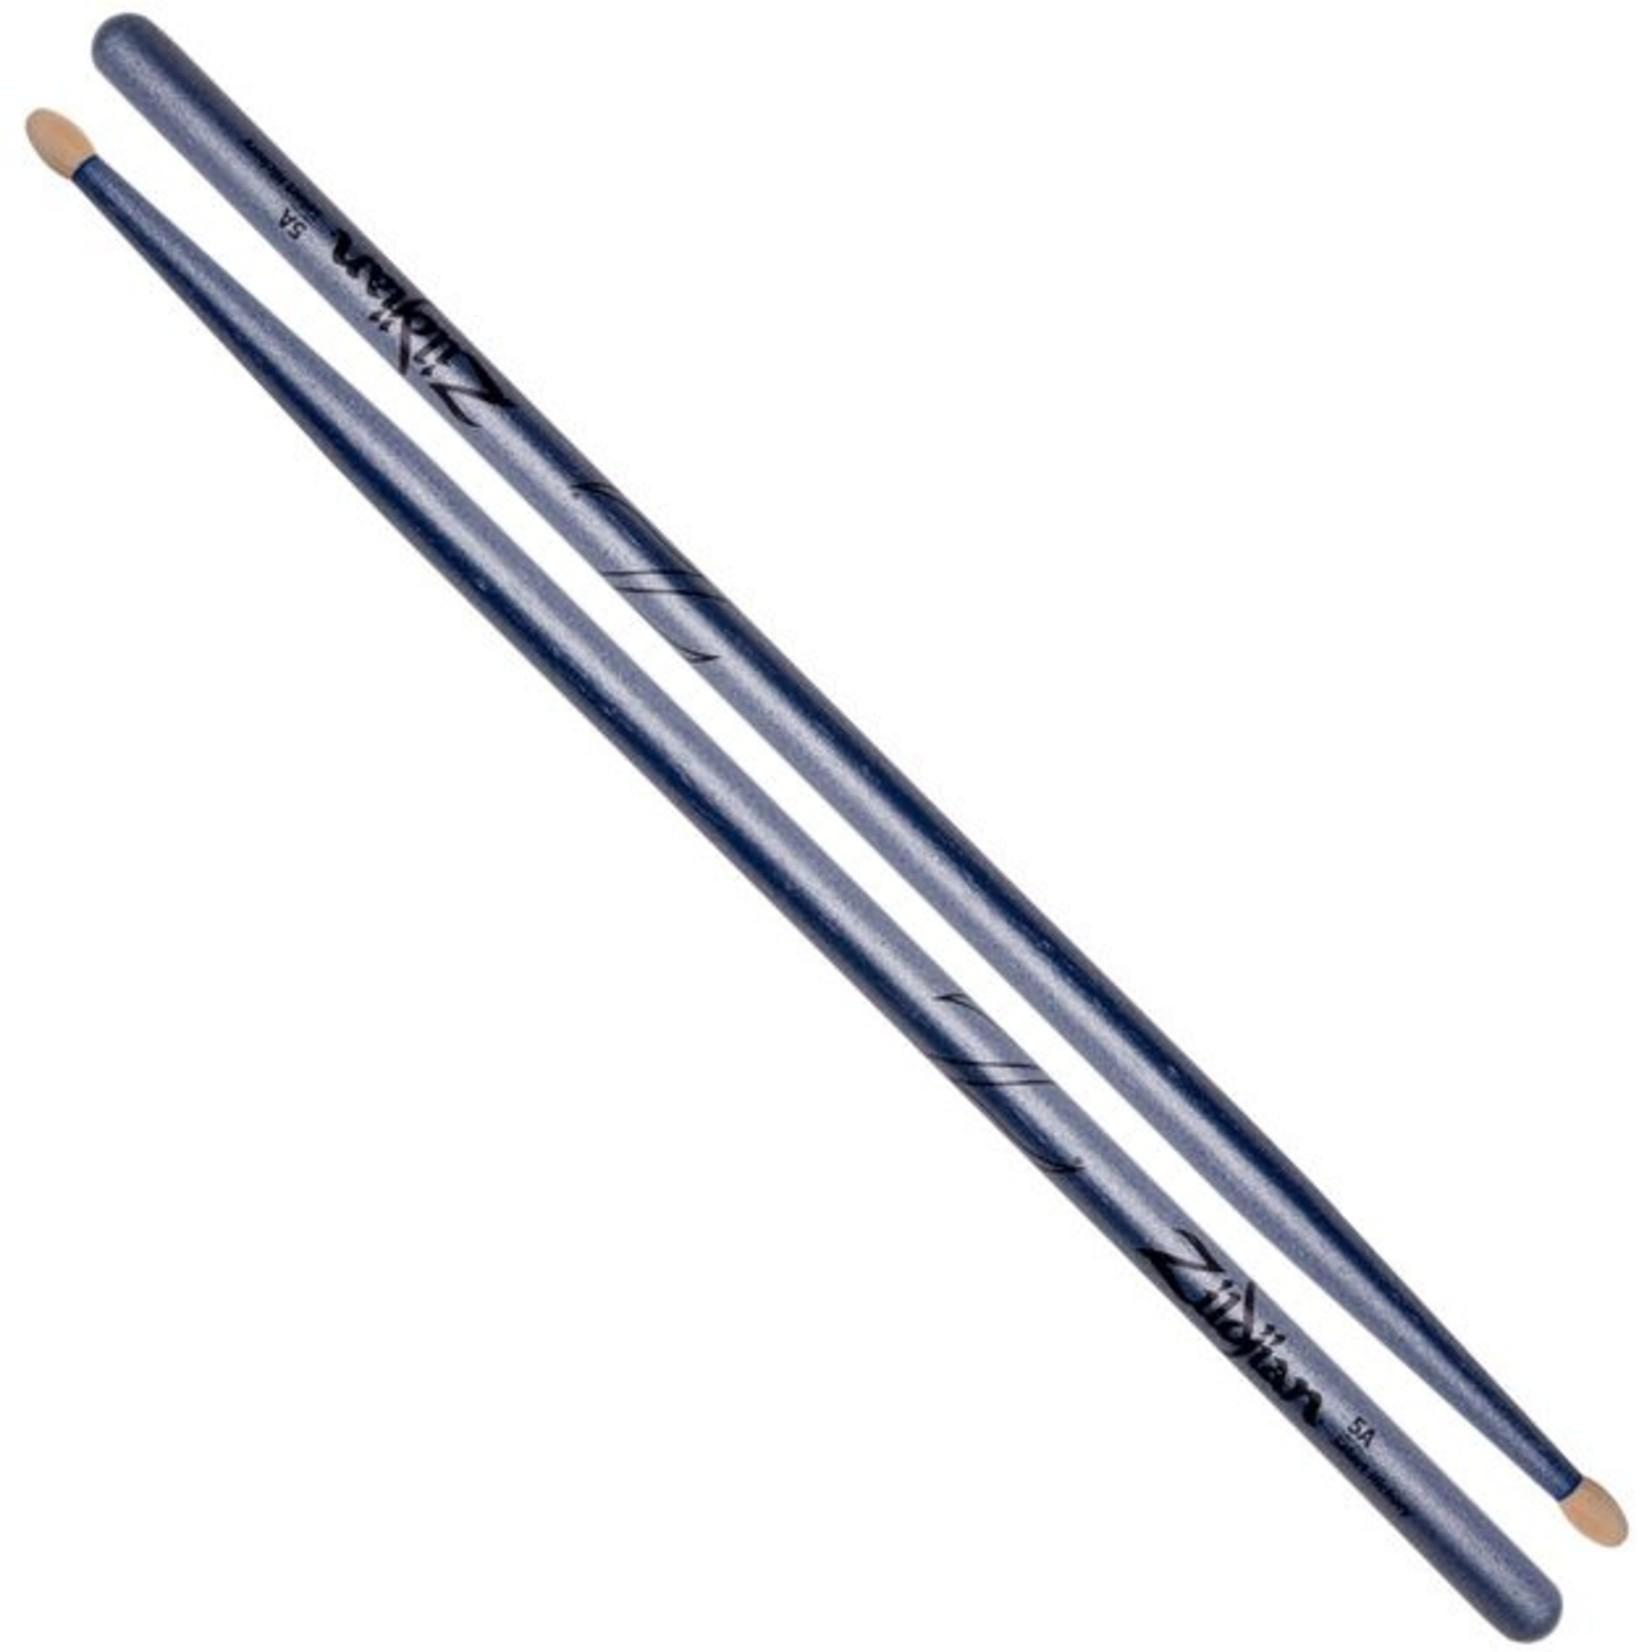 Zildjian Zildjian 5A Chroma Blue Drumsticks